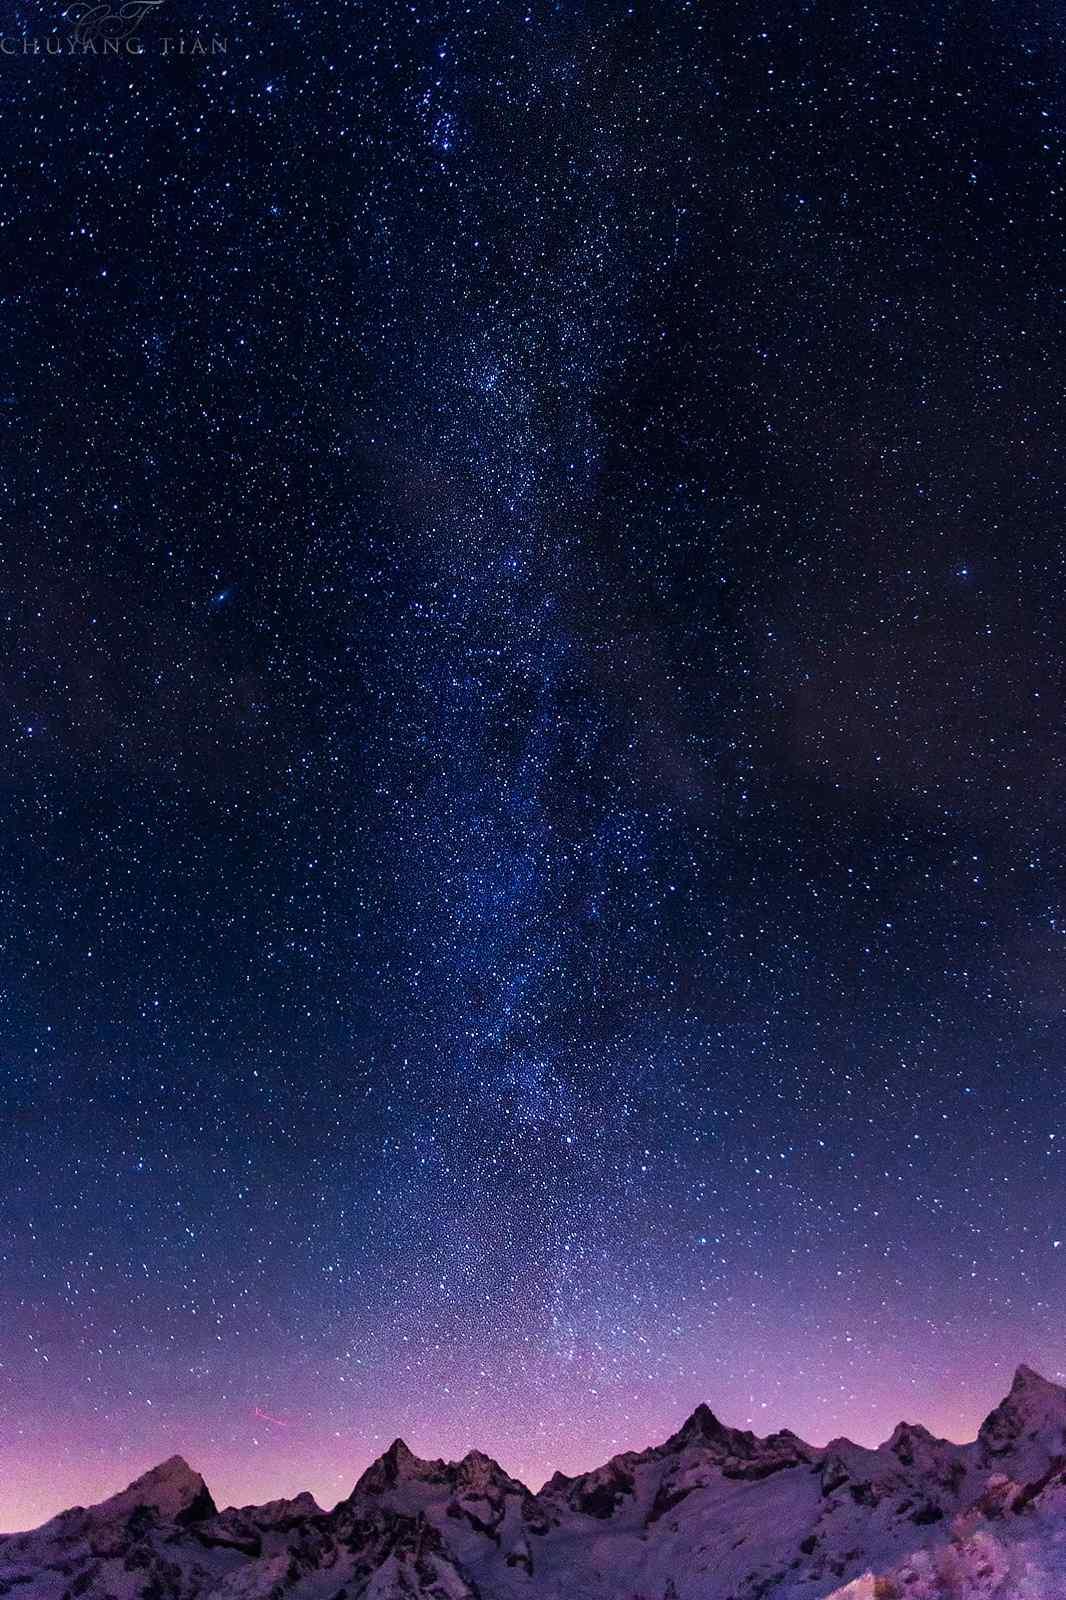 唯美星空圖片手機壁紙_簡約手機壁紙圖片